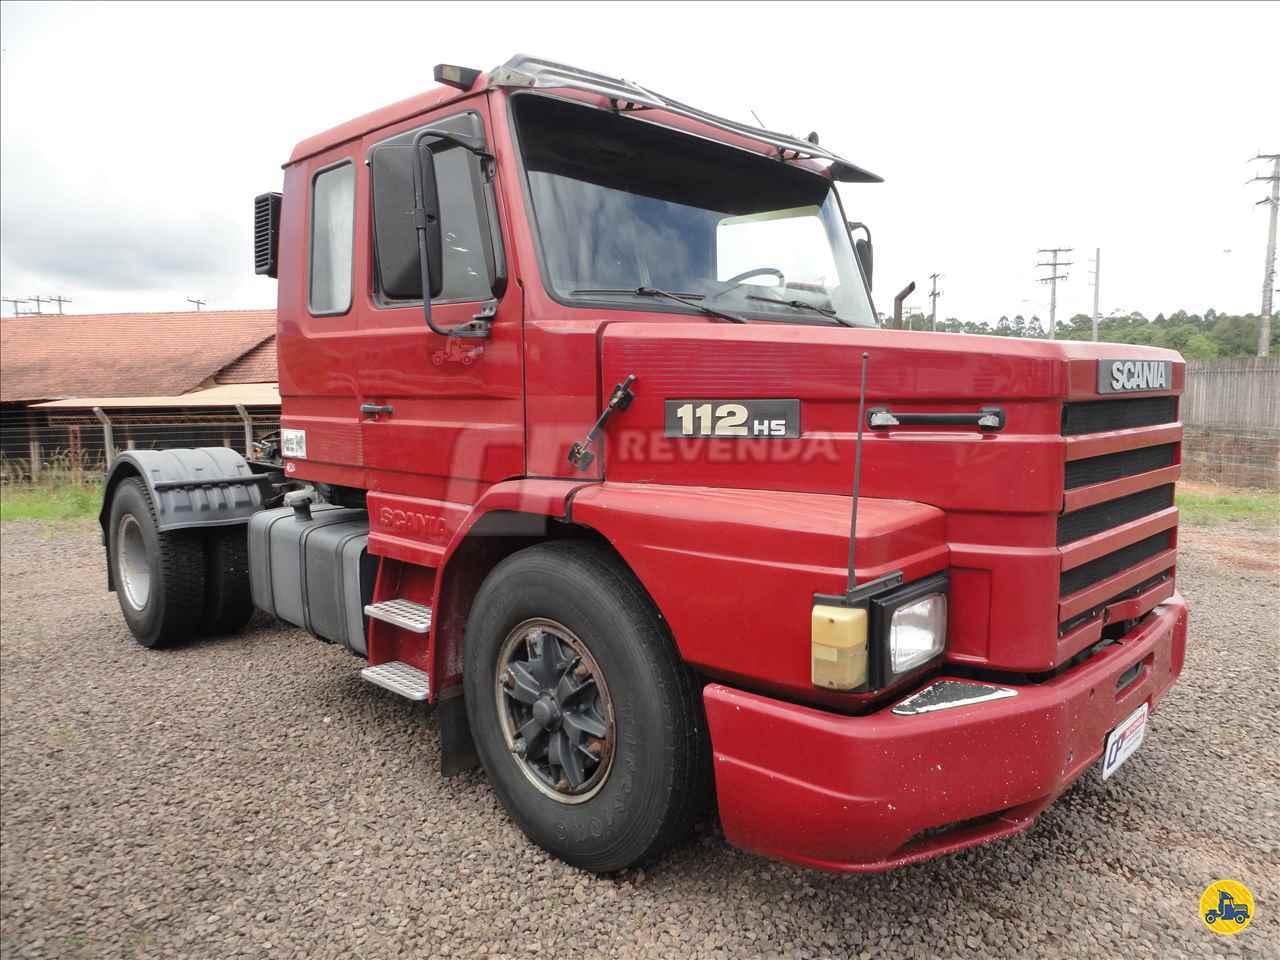 CAMINHAO SCANIA SCANIA 112 320 Cavalo Mecânico 3/4 4x2 CP Revenda BOM PRINCIPIO RIO GRANDE DO SUL RS